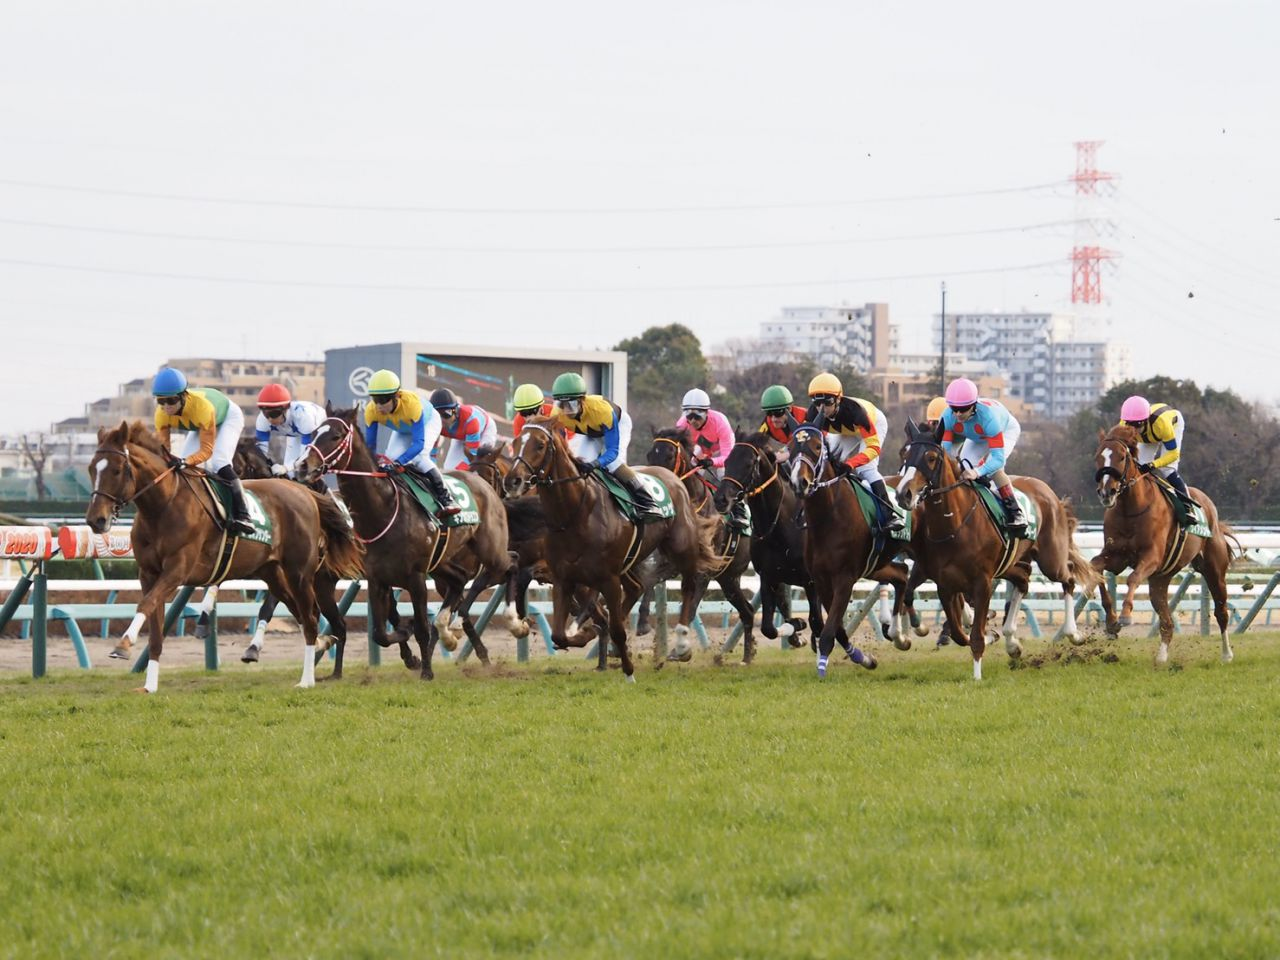 【クイーンS】吉田隼「枠なりのポジション」レッドアネモスが重賞初制覇!